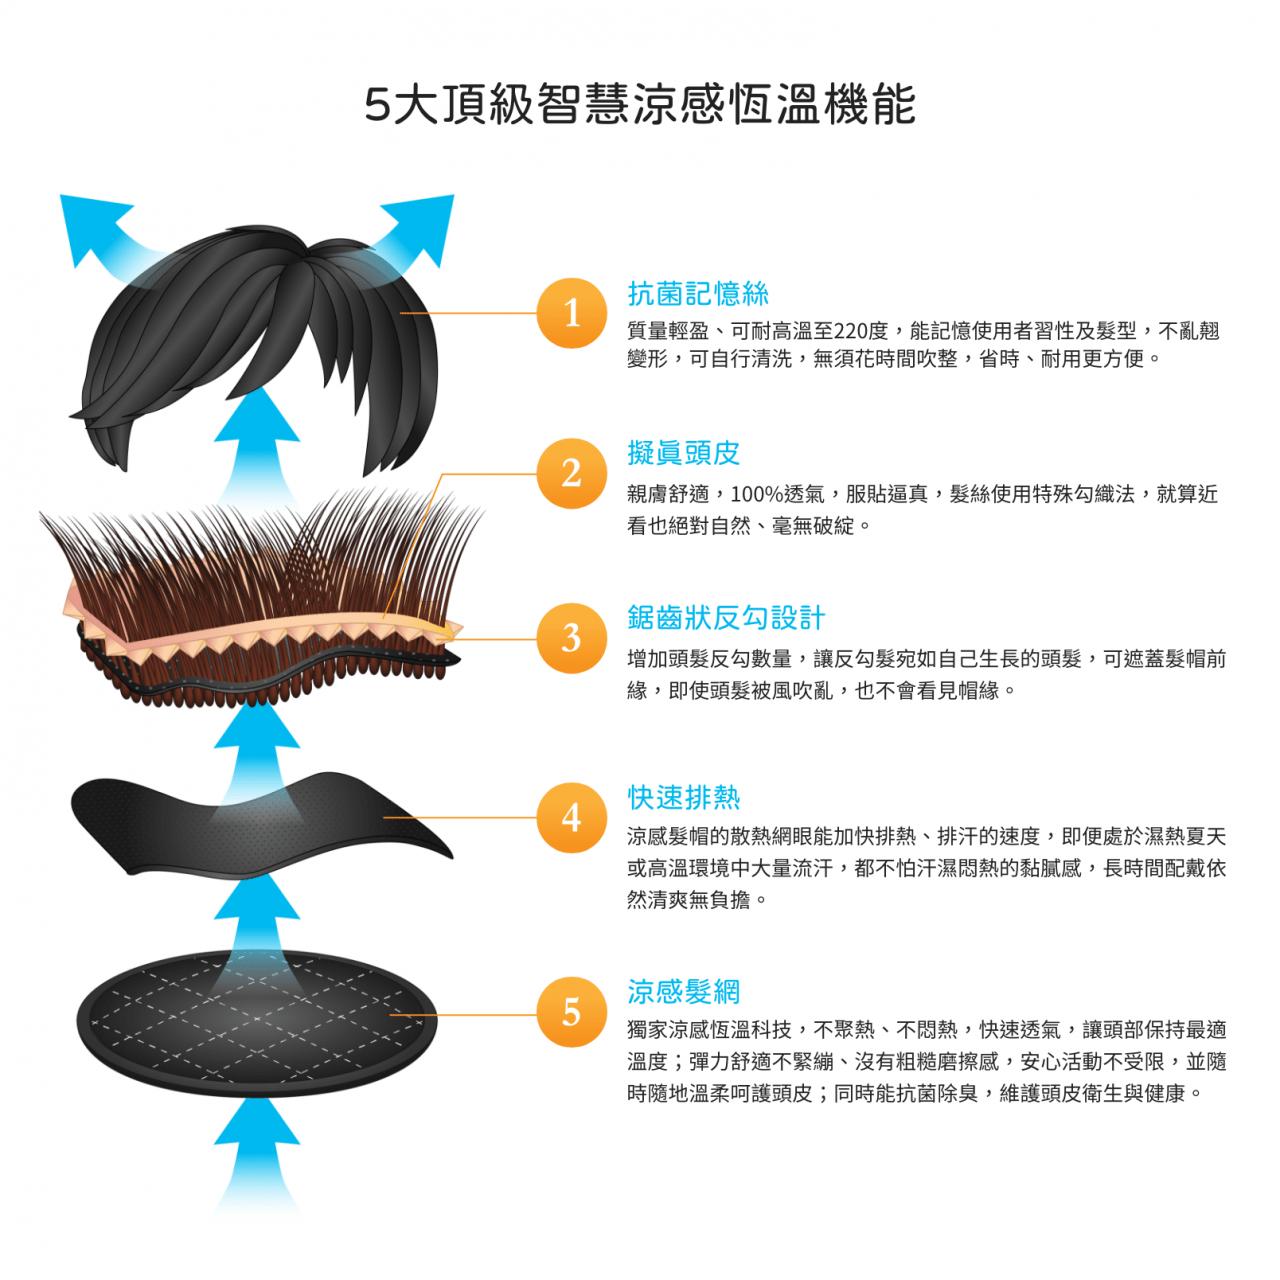 20200814 CYS涼感假髮機能圖3